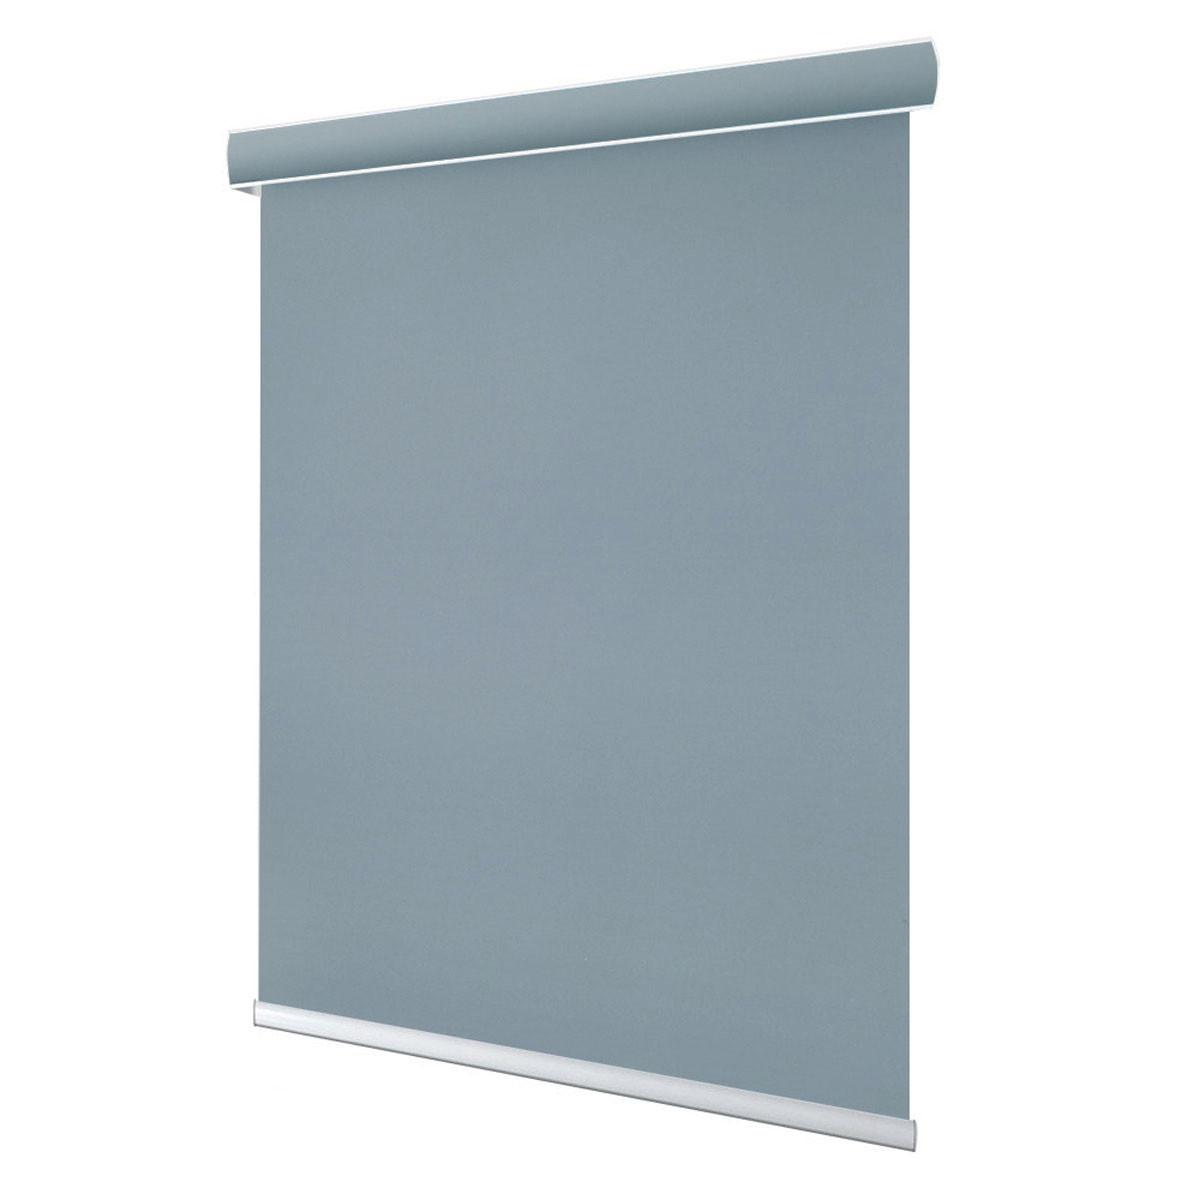 Roleta okienna szara rozciągnięta na białym tle